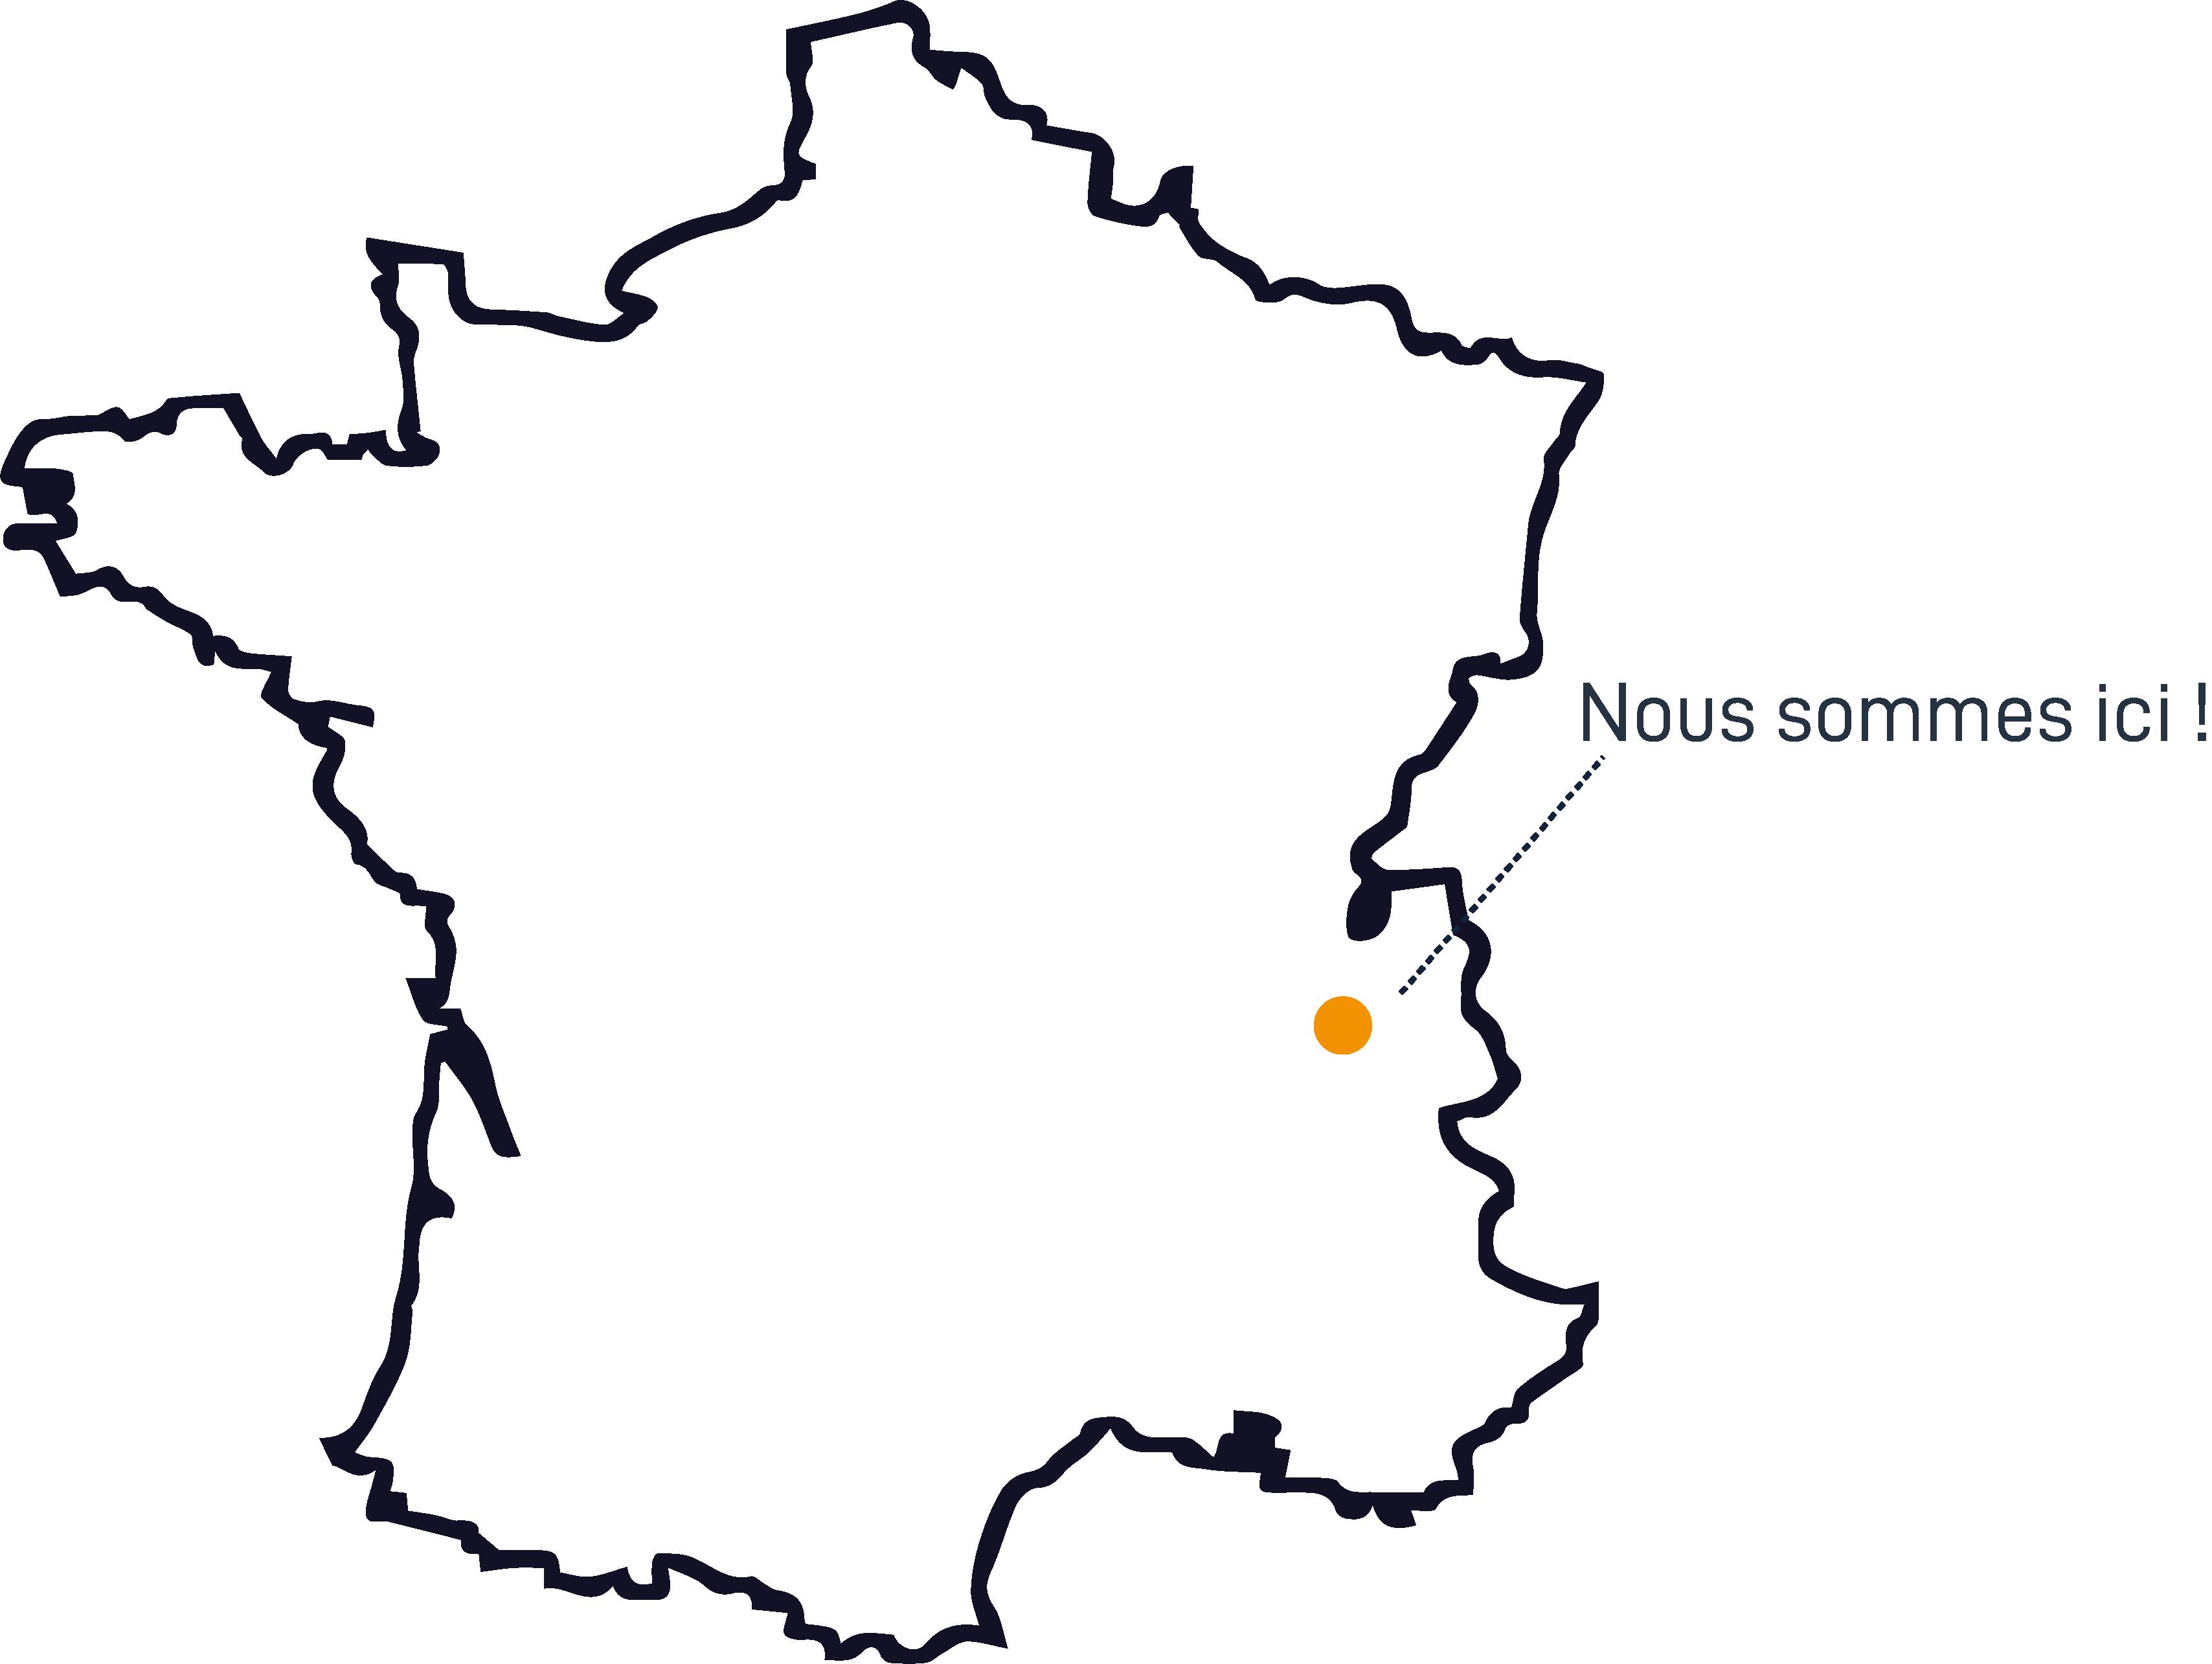 NC Communication | Nous situer | Rhône-Alpes, France | Savoie, Isère